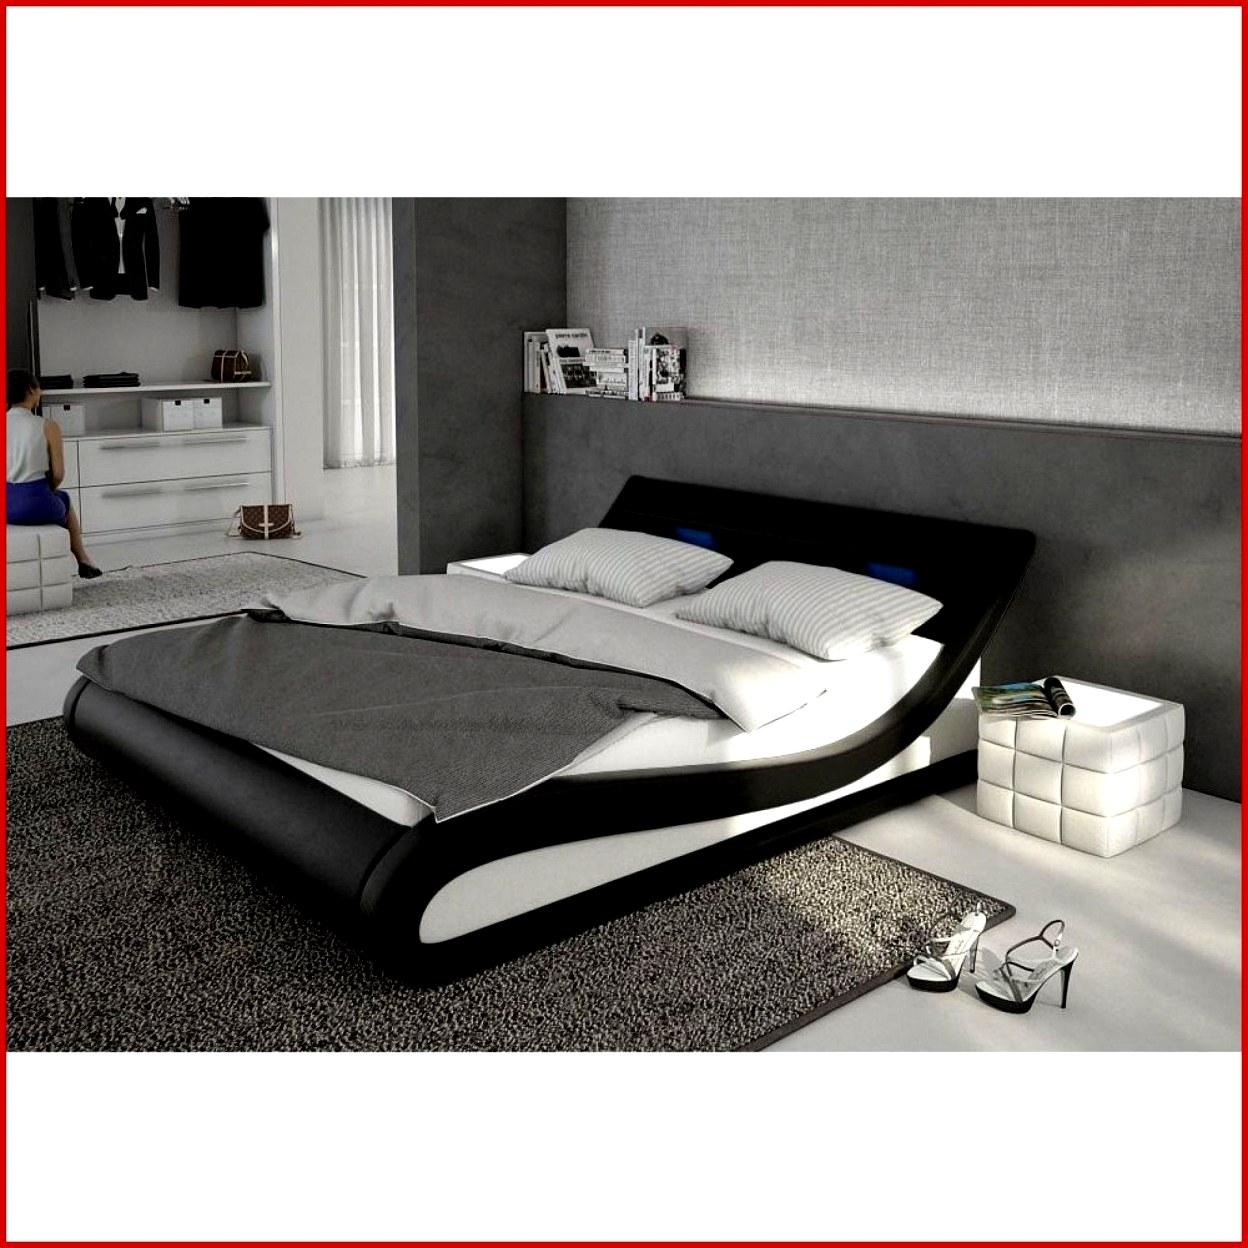 Full Size of Poco Betten 140x200 Zuhause Schlafzimmer Komplett Guenstig Weißes Wiemann Lampe Komplette Set Weiß Deckenleuchte Bett Stehlampe Günstig Truhe Teppich Lampen Schlafzimmer Schlafzimmer Komplett Poco